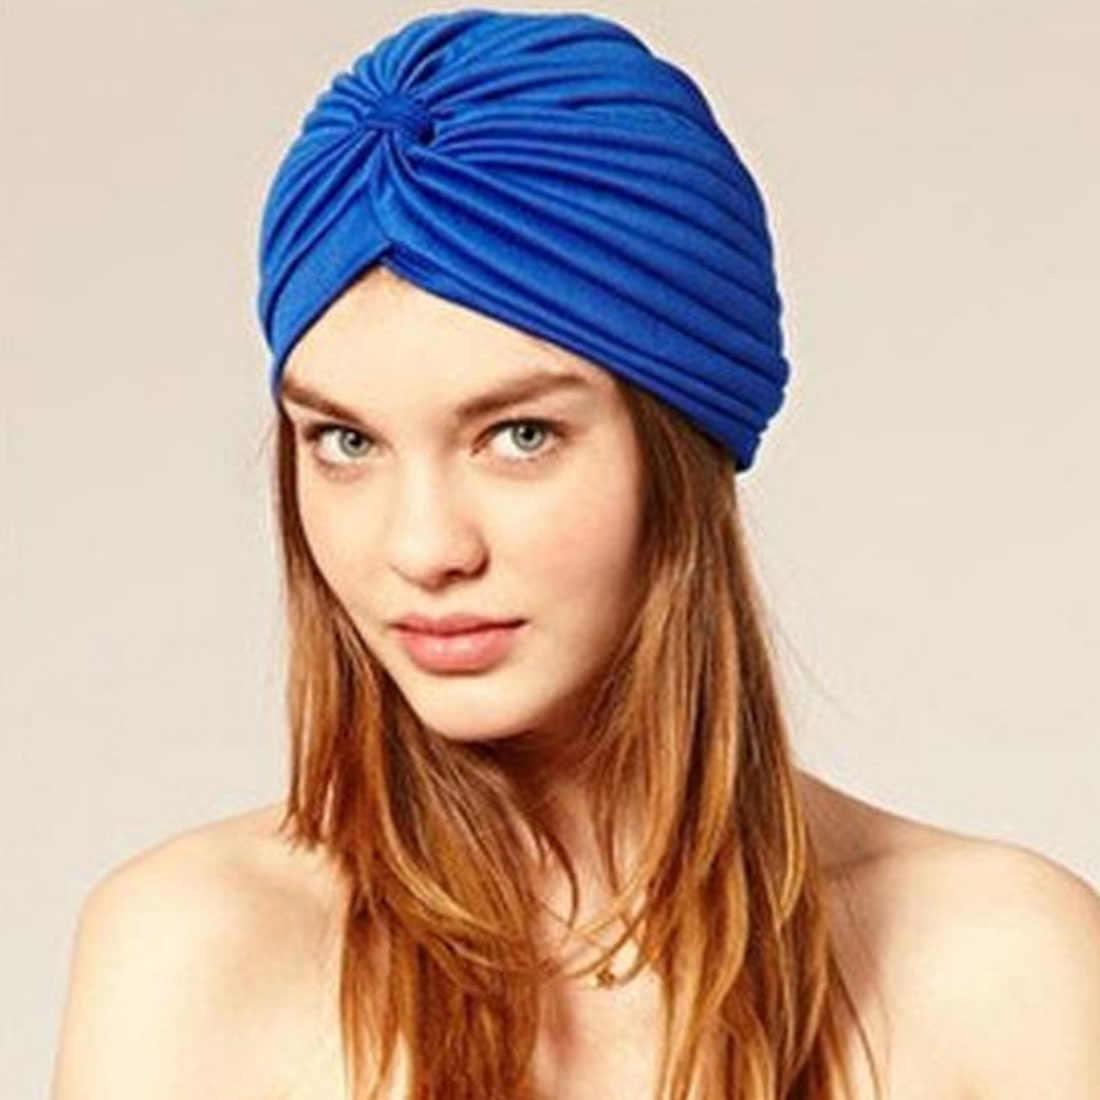 ストレッチターバンイスラム教徒の帽子女性はスカーフワープ女性結び目インドキャップヘッド女性キャップ新